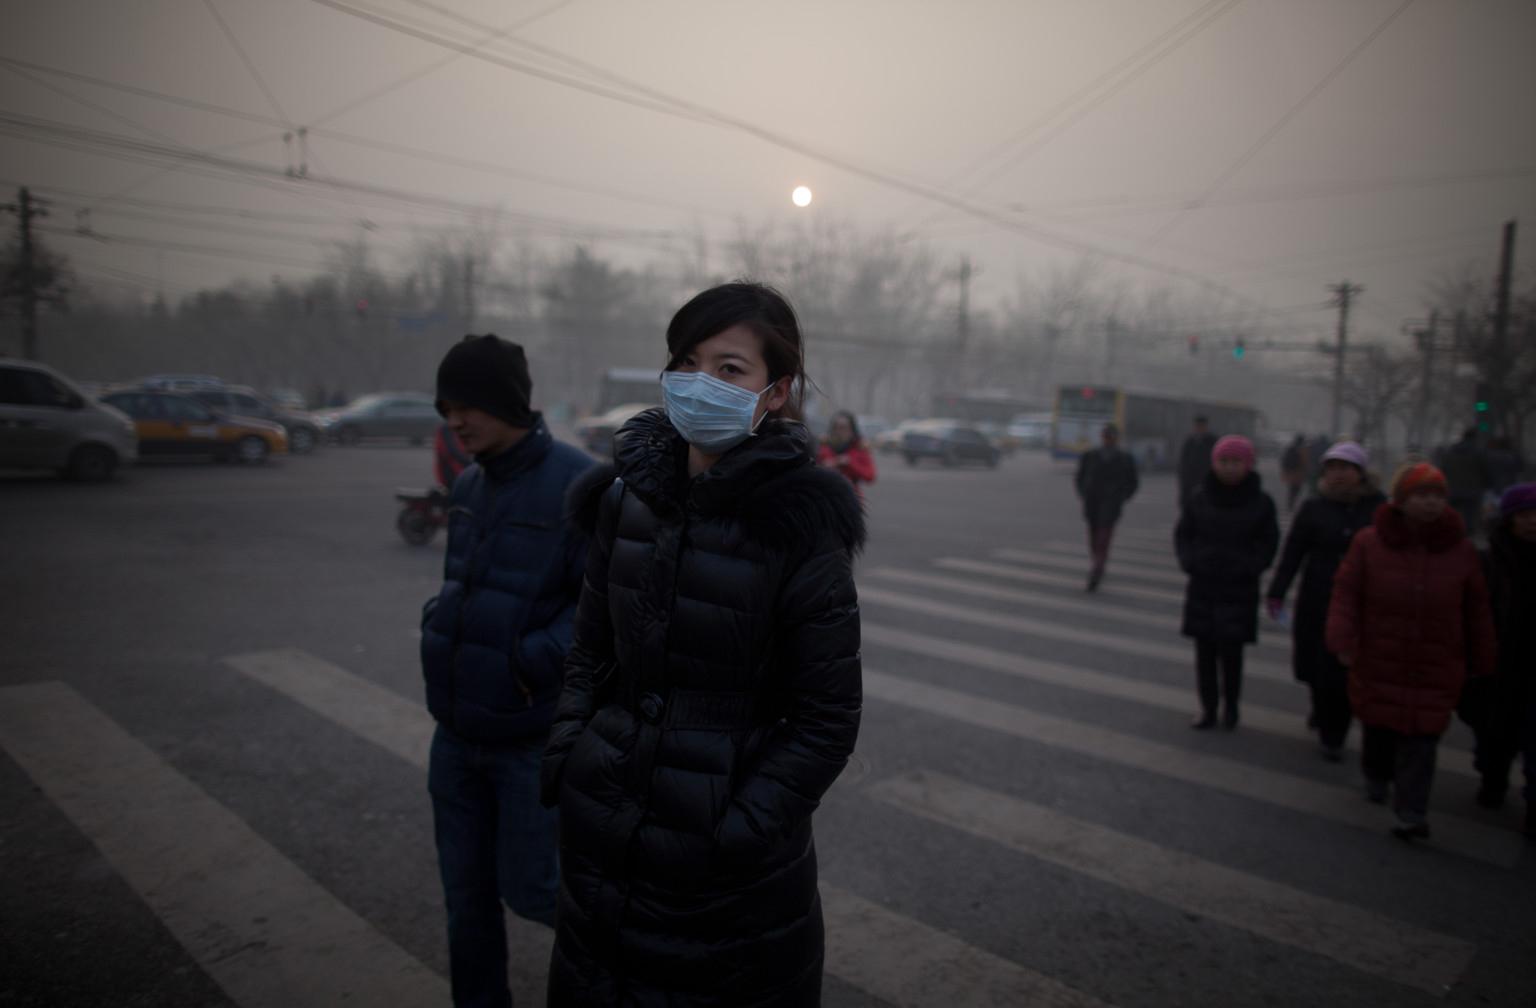 Ambiente | Poluição aumenta em Pequim